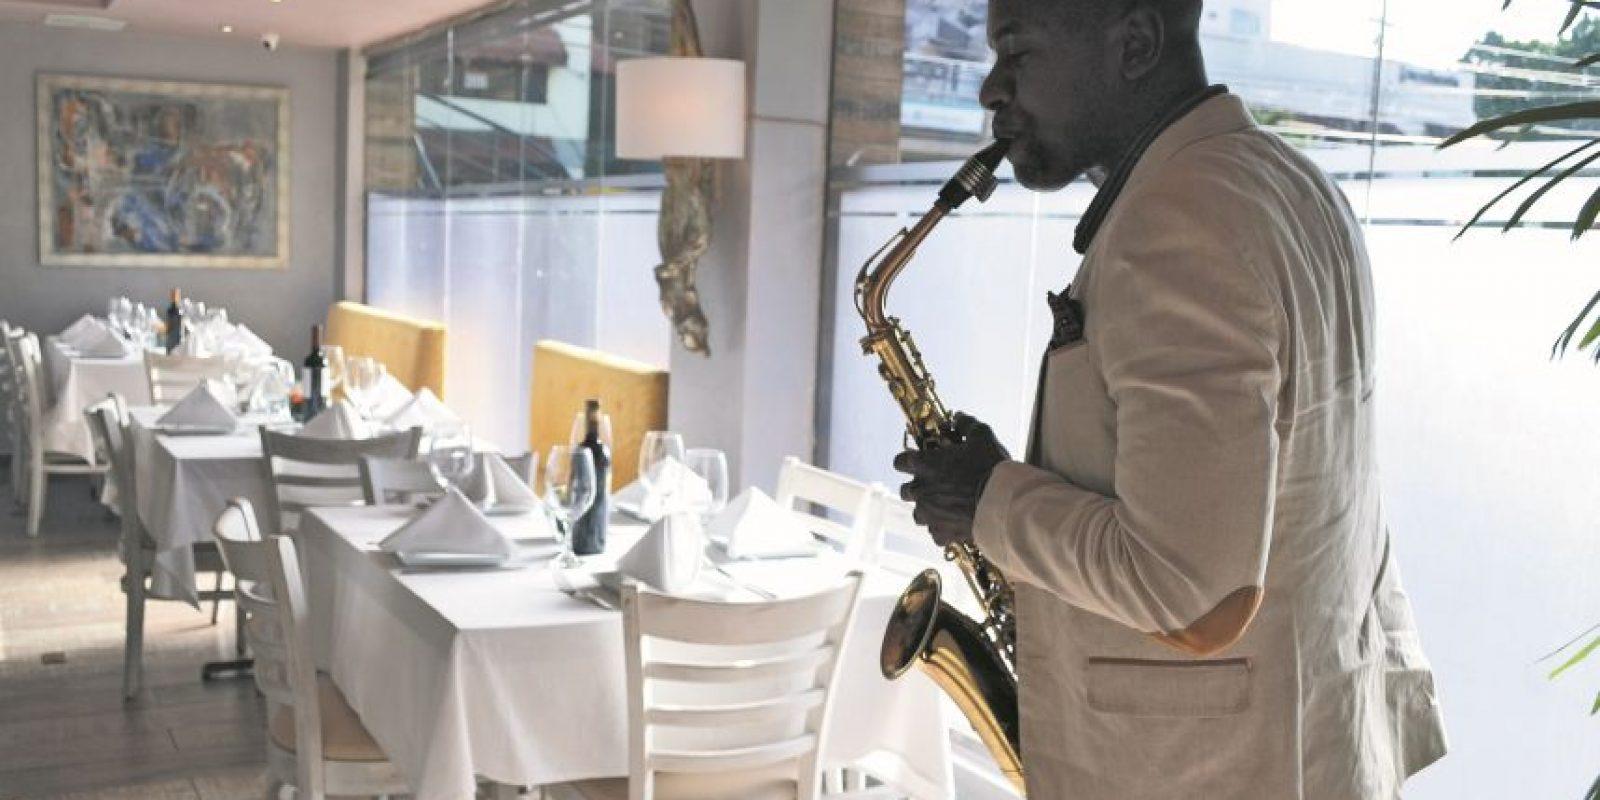 En Minas puedes deleitarte al ritmo de un saxofón, mientras almuerzas con las delicias de Japón e Italia en un ambiente al estilo retro chic. Foto:Mario de Peña